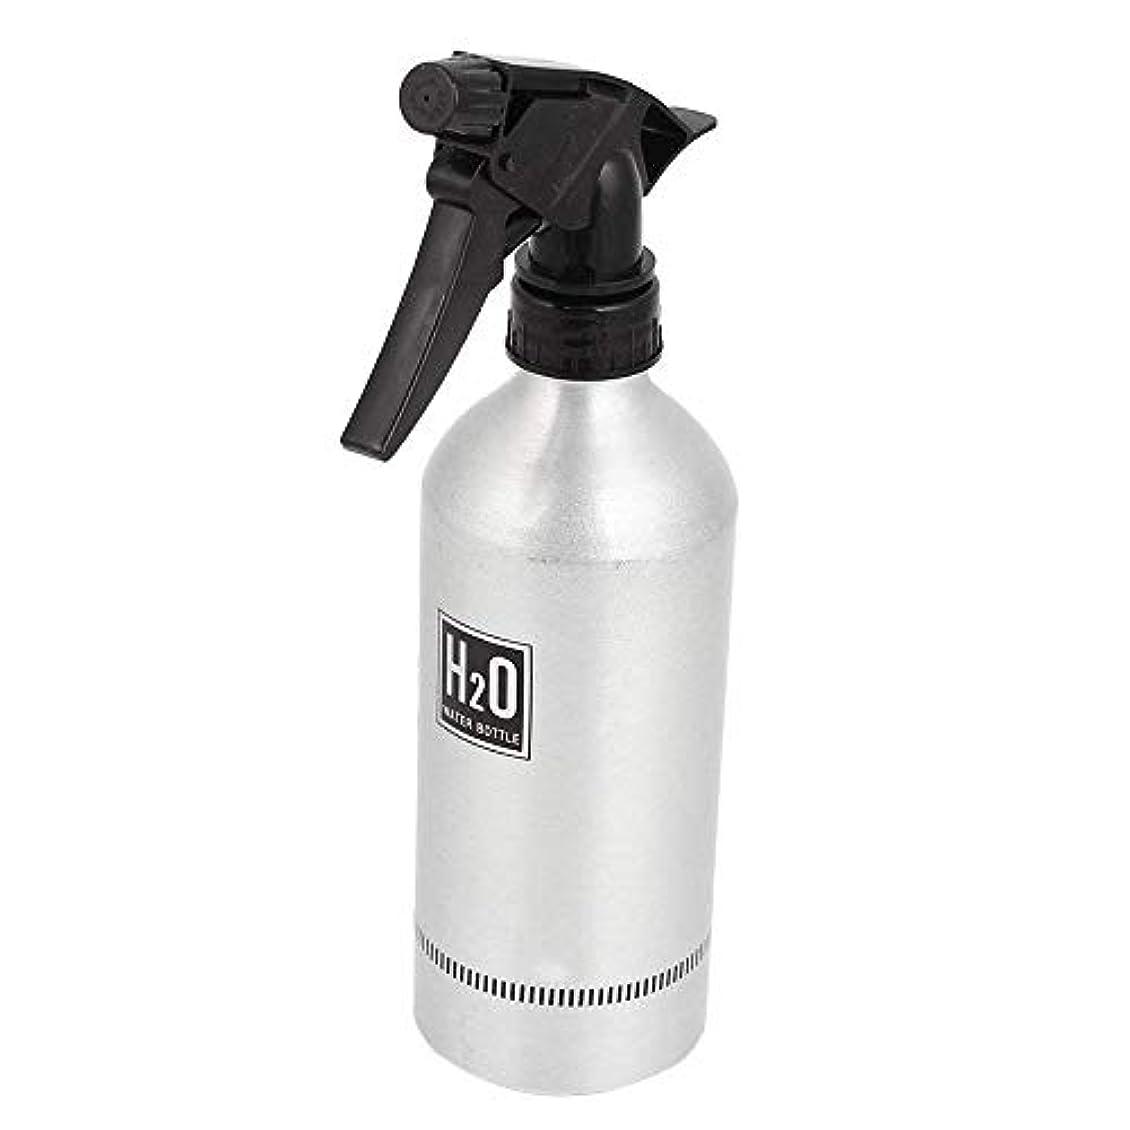 アルバニーサーバント招待Onior アルミ スプレー缶 水髪器 スプレー スプレーボトル 美容ツール サロン 理髪師 美容師 清潔 クリーニング 500ミリリットル